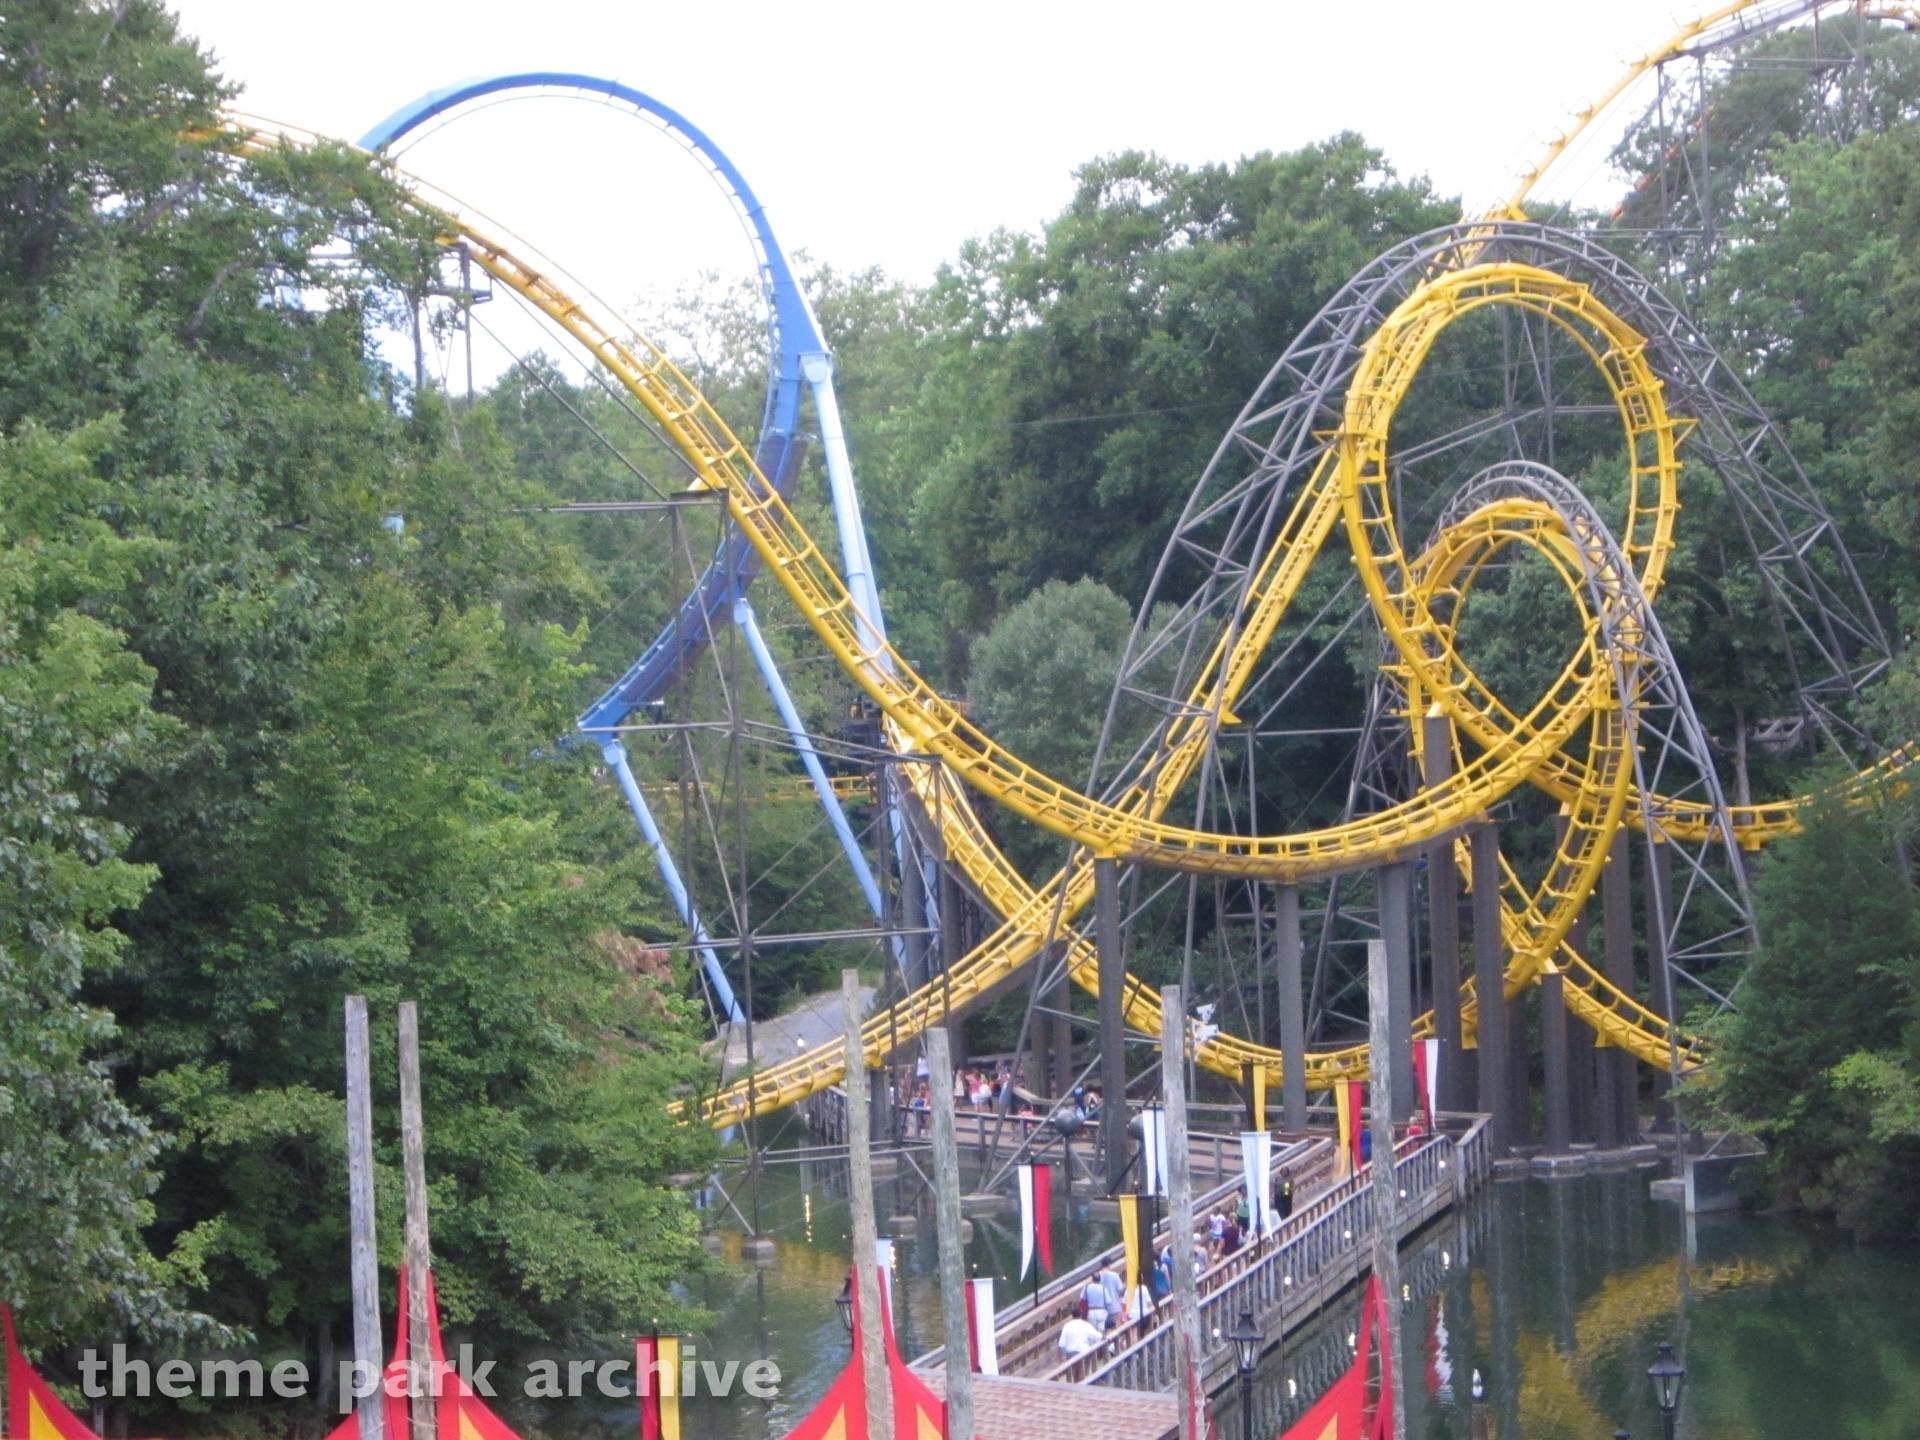 Loch Ness Monster at Busch Gardens Williamsburg